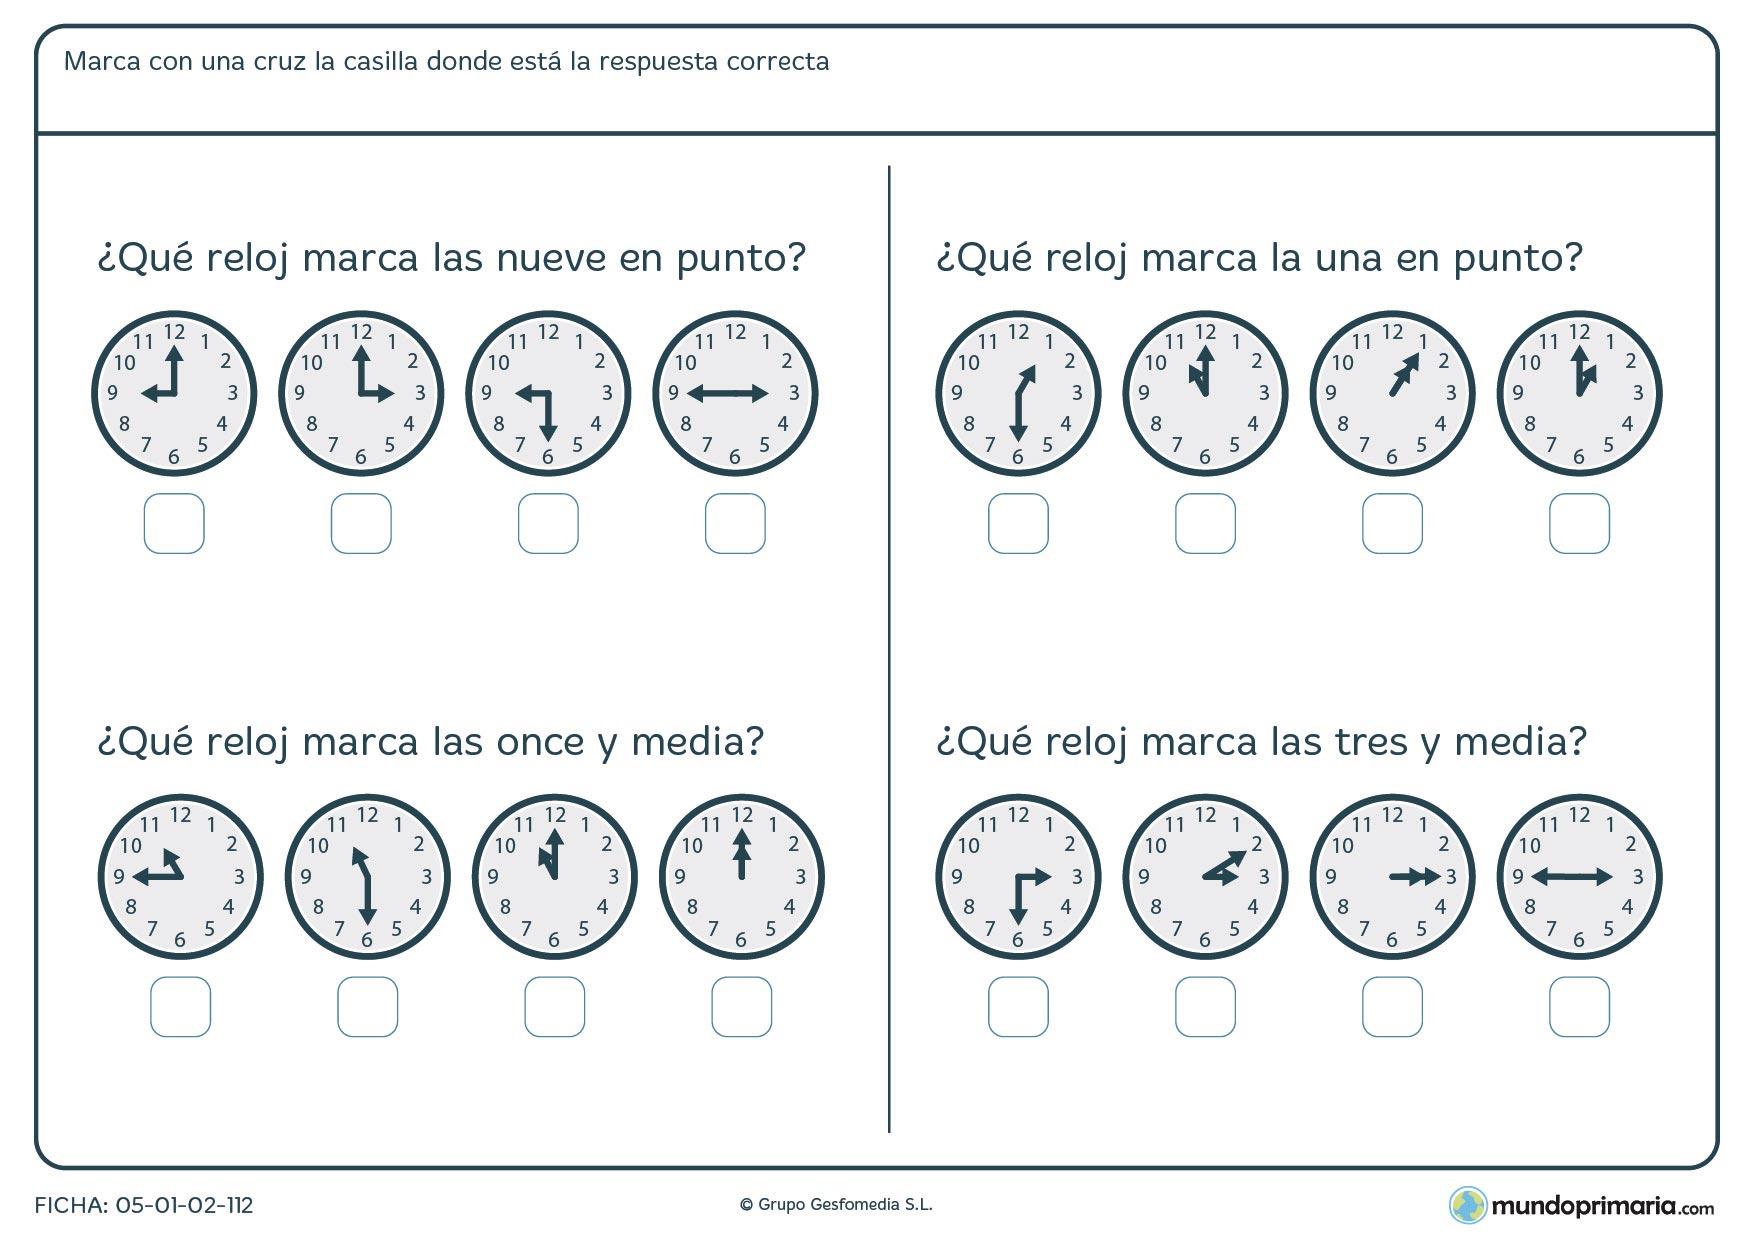 Ficha de relojes analógicos que marcan horas en punto y medias horas y hay que señalar las correctas.